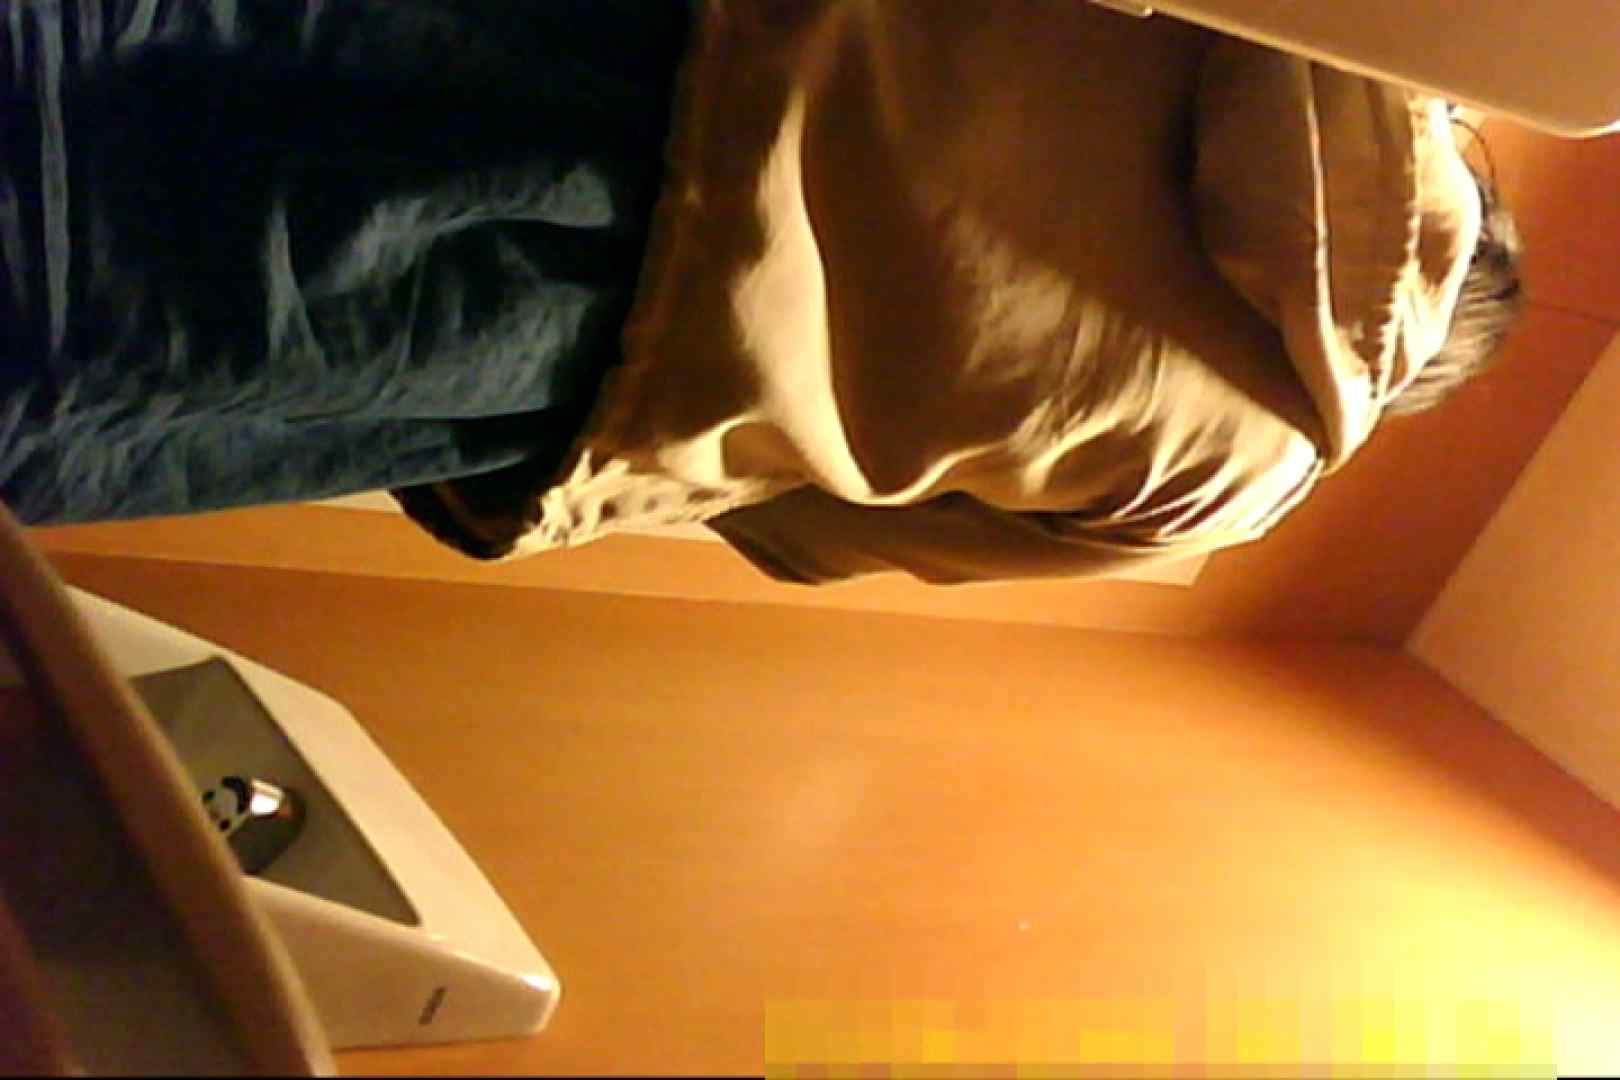 魅惑の化粧室~禁断のプライベート空間~22 お姉さんのエロ生活 オマンコ無修正動画無料 106連発 27